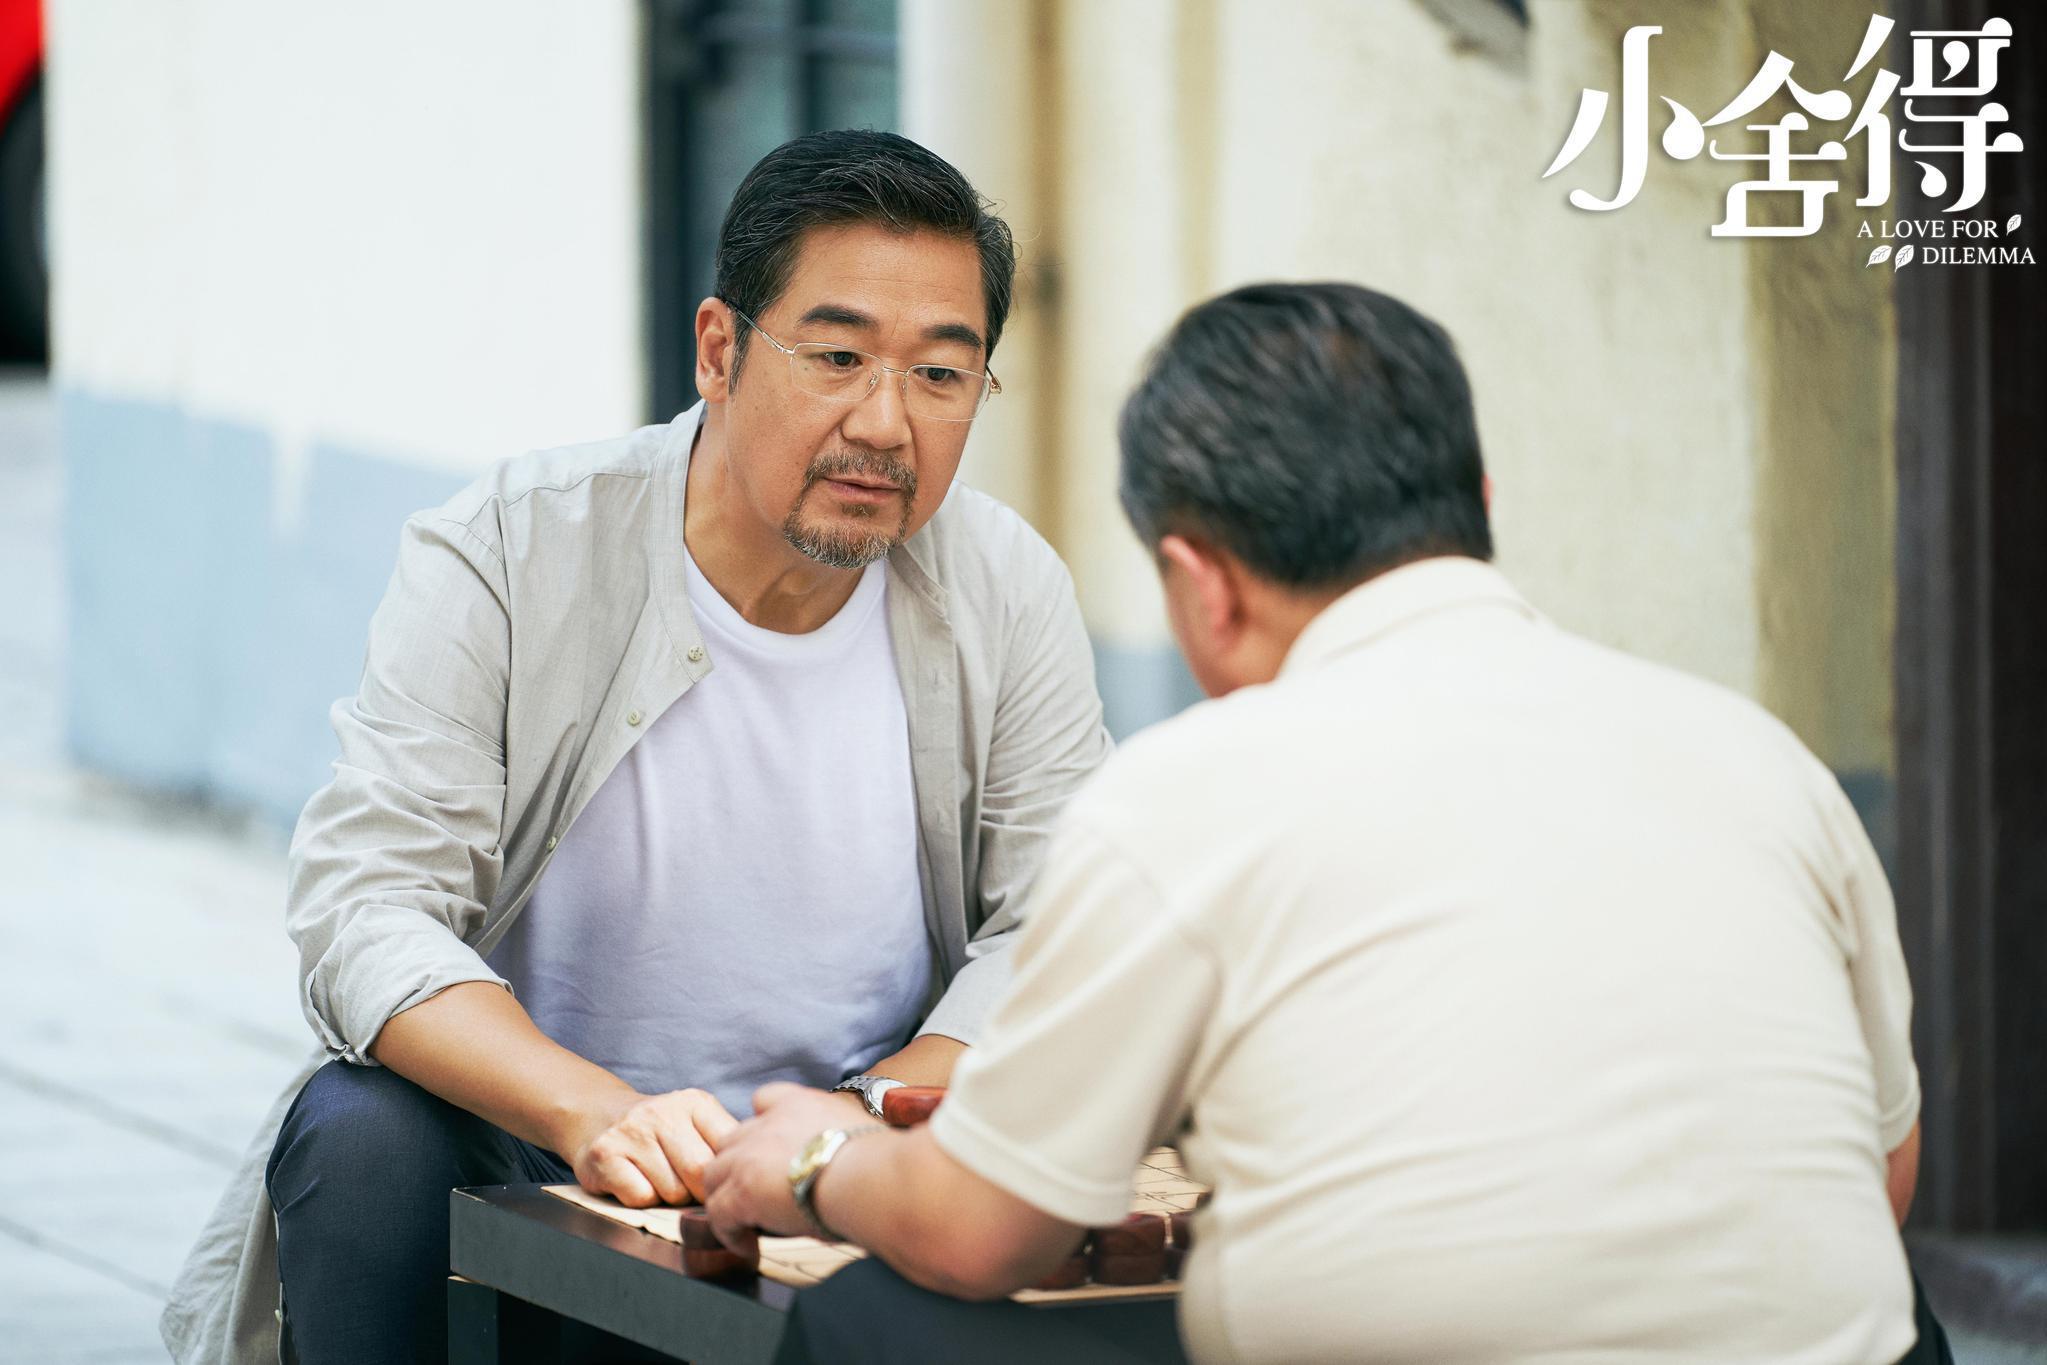 罗梓瑄:广州海关推出五项便利措施 广交会展品通关提速50%平台